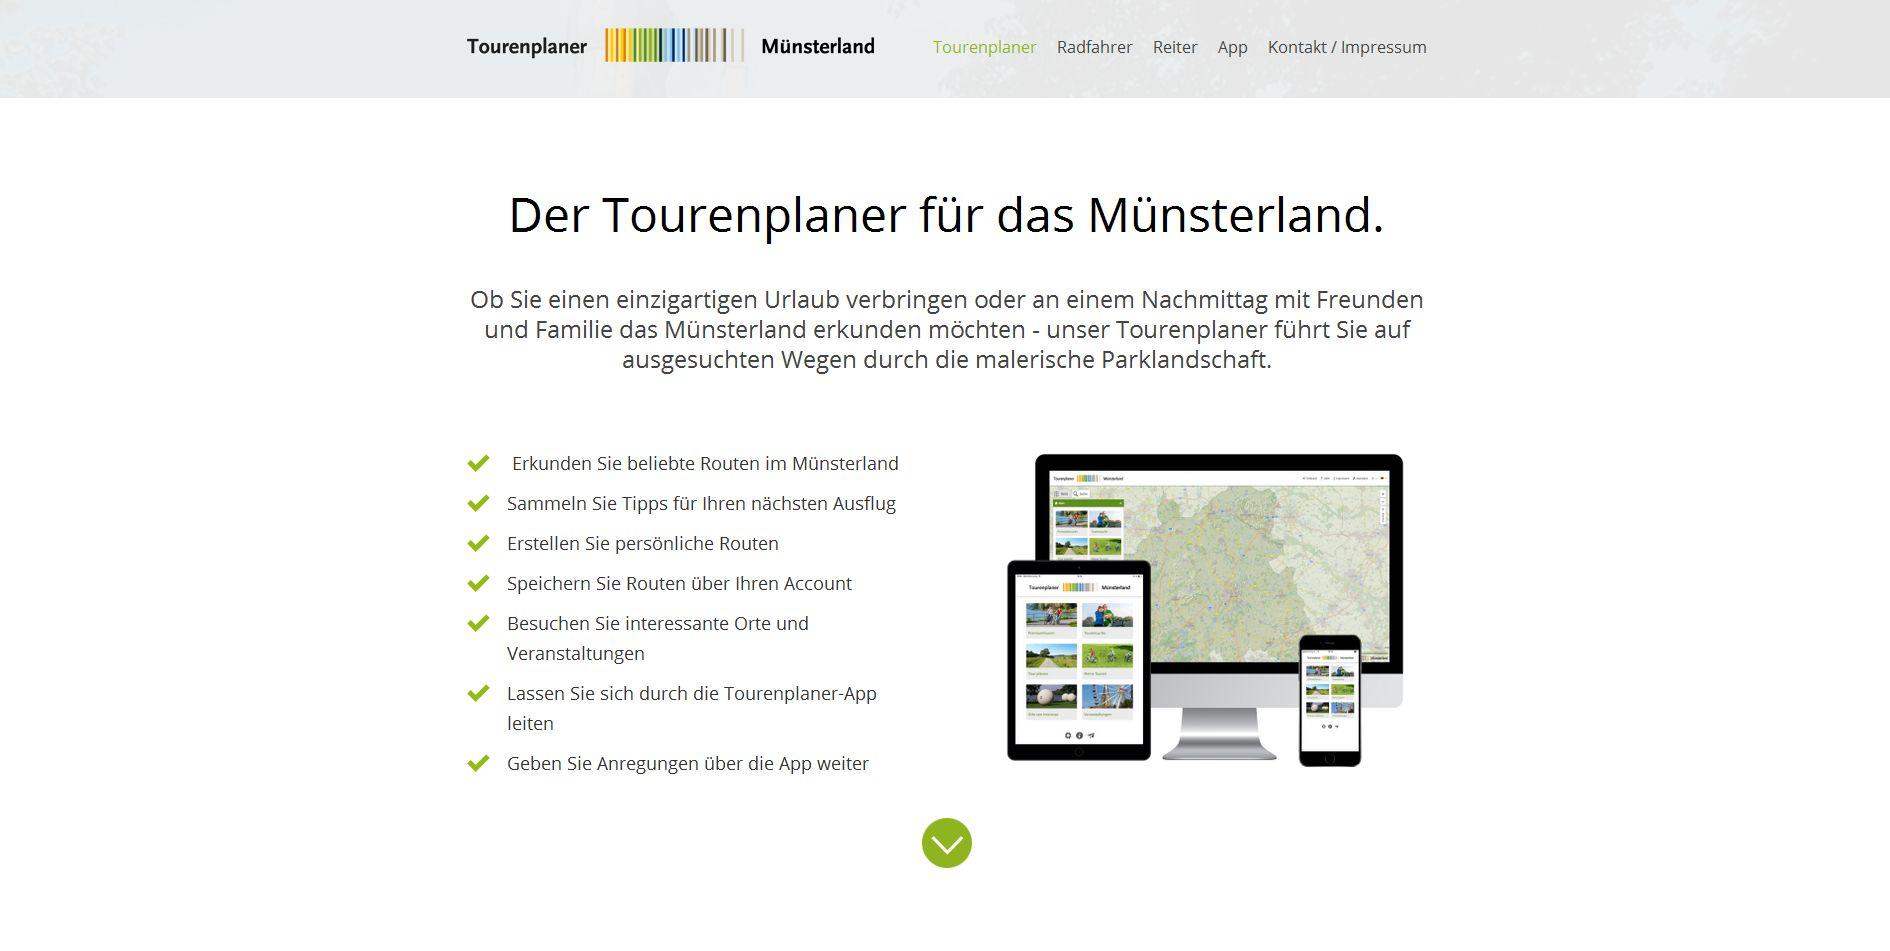 c288343552f554 Speziell für das Münsterland gibt es einen Online-Tourenplaner für Reiter  und Radfahrer. Ob Themenrouten oder eigene Touren - mit dem Tourenplaner ...